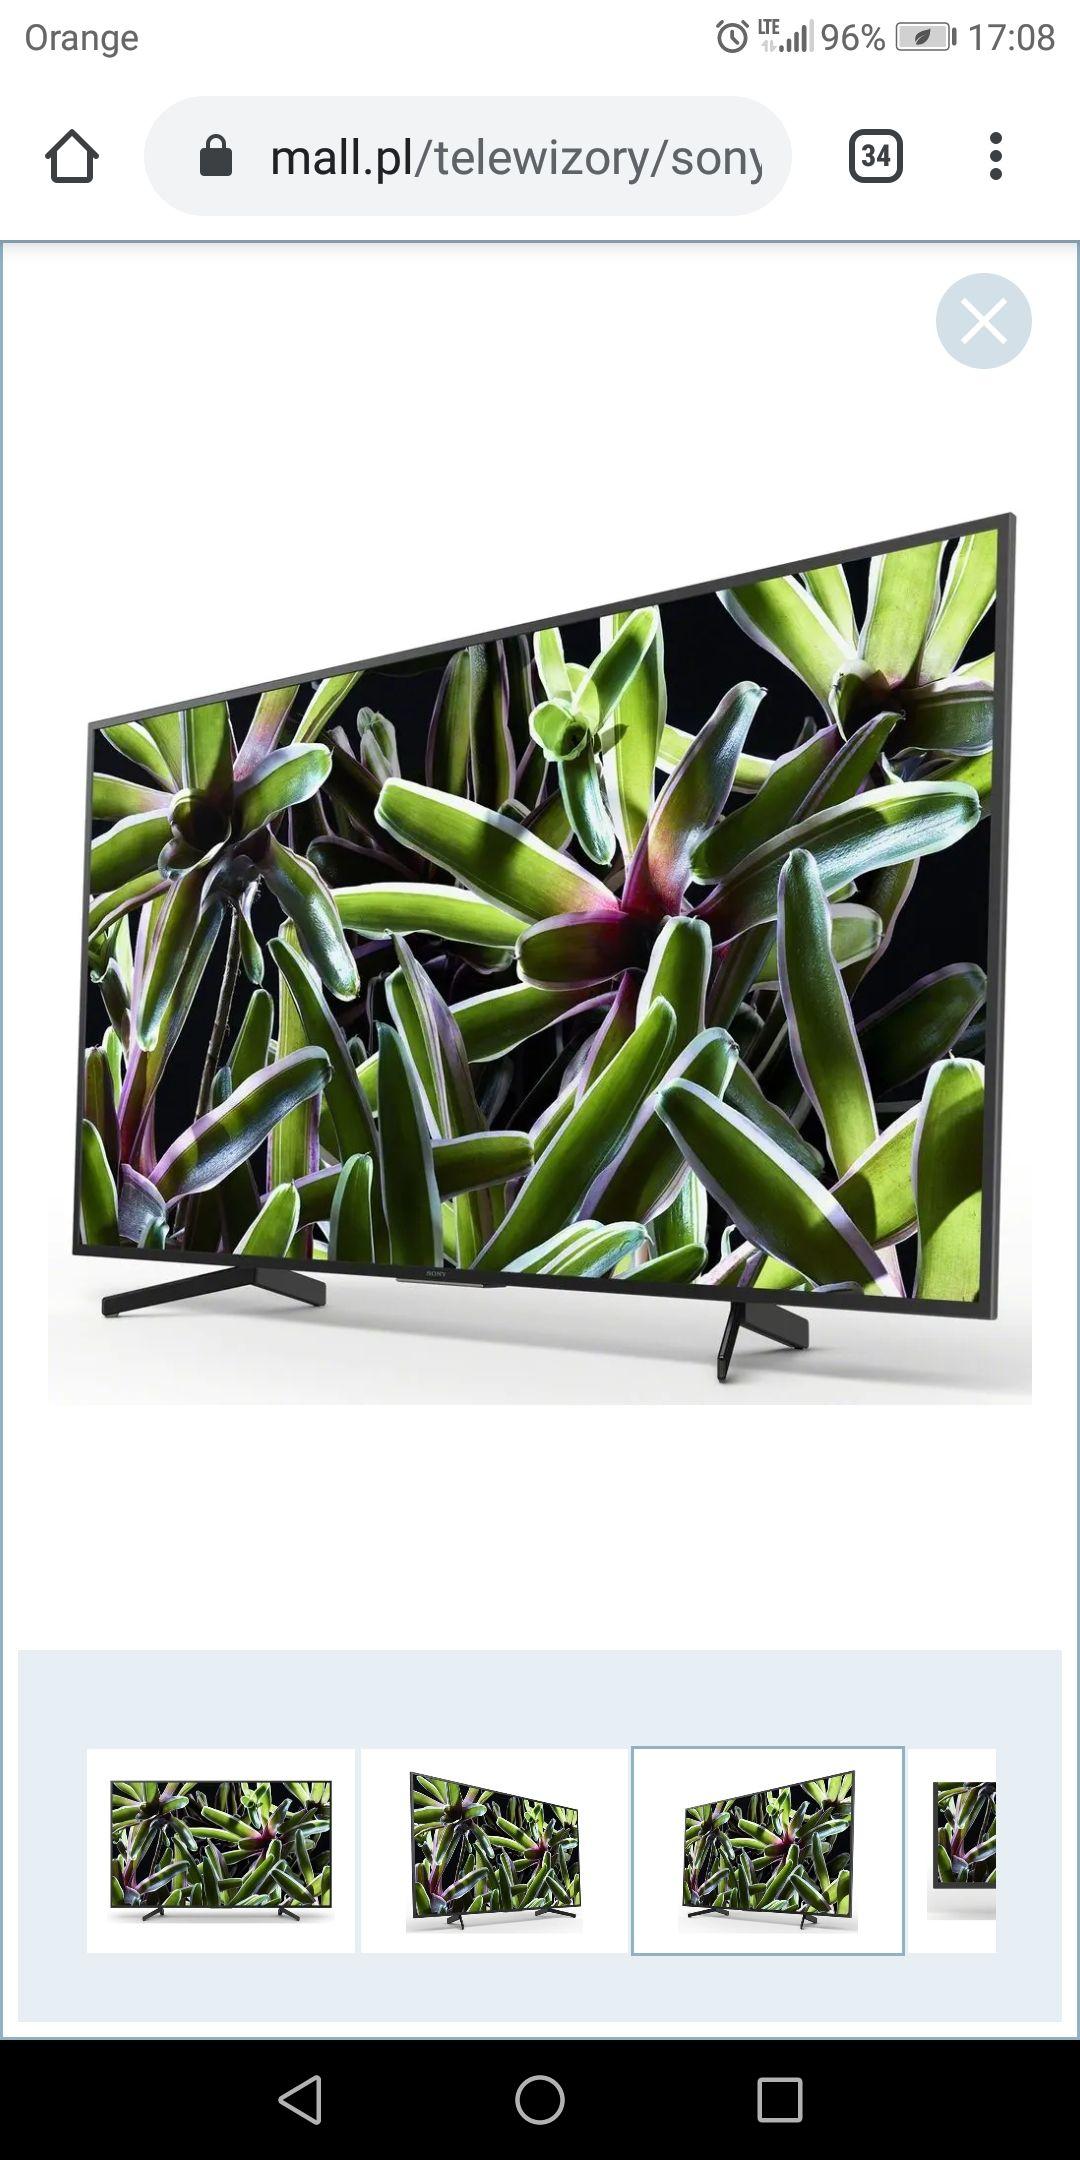 Telewizor SONY KD-65XG7005,4K X-Reality PRO,LAN, Wi-Fi,HDR, 60Hz - Motionflow XR 400 Hz